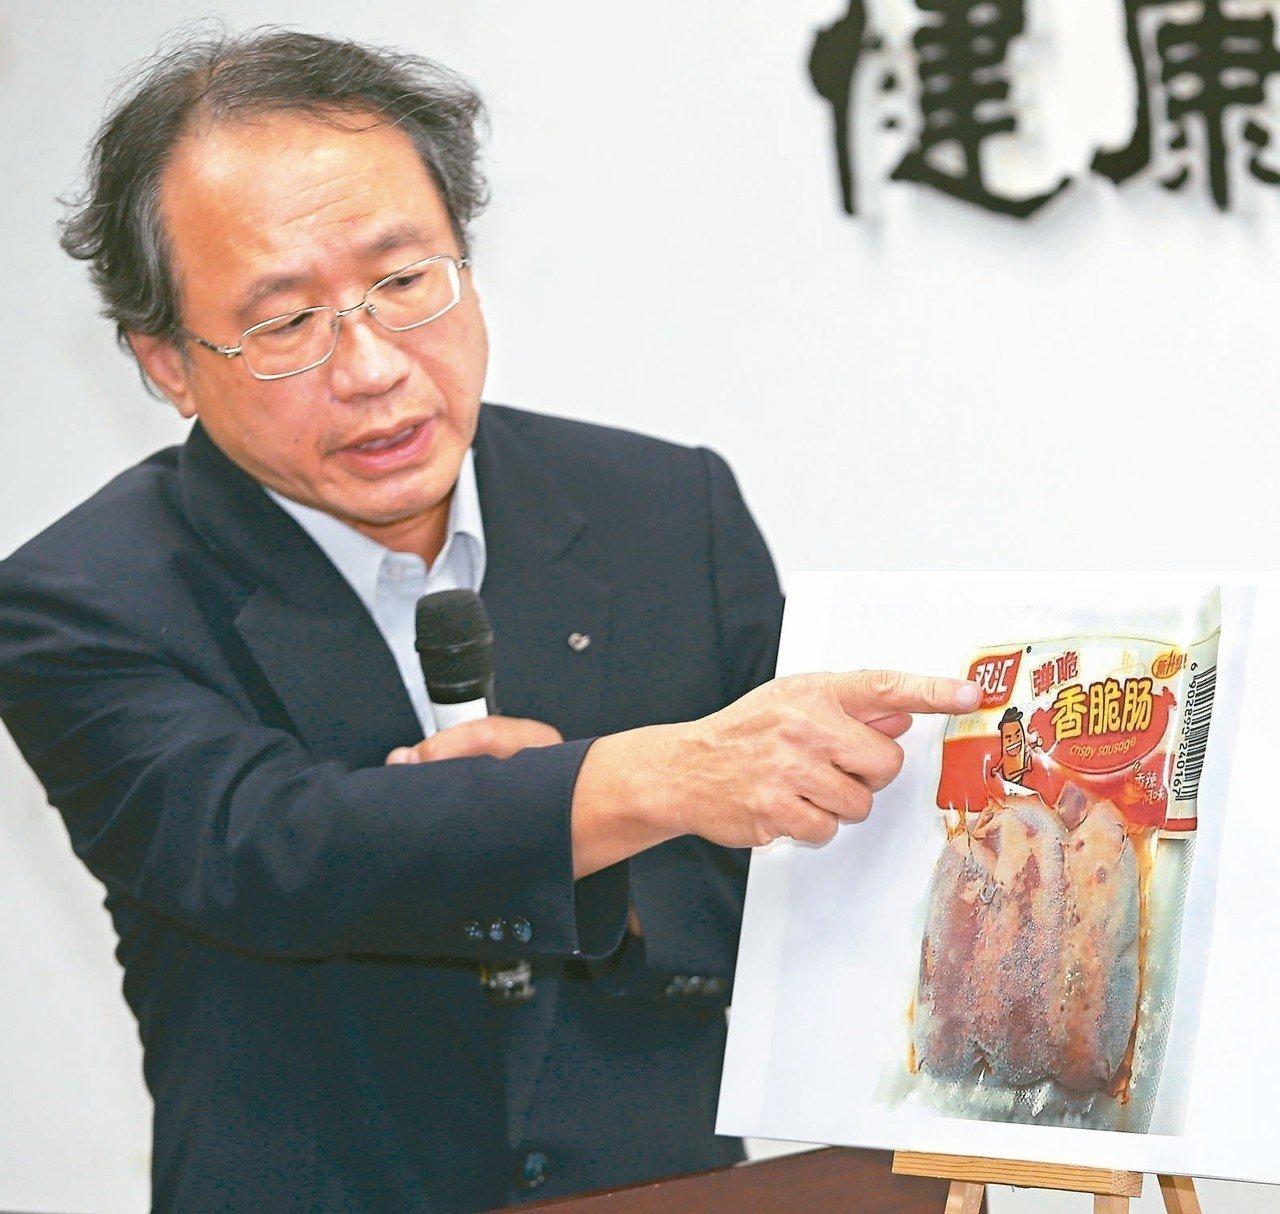 """双汇香肠在台湾成首例""""非洲猪瘟""""肉制品?双汇:将派人去台湾核实"""